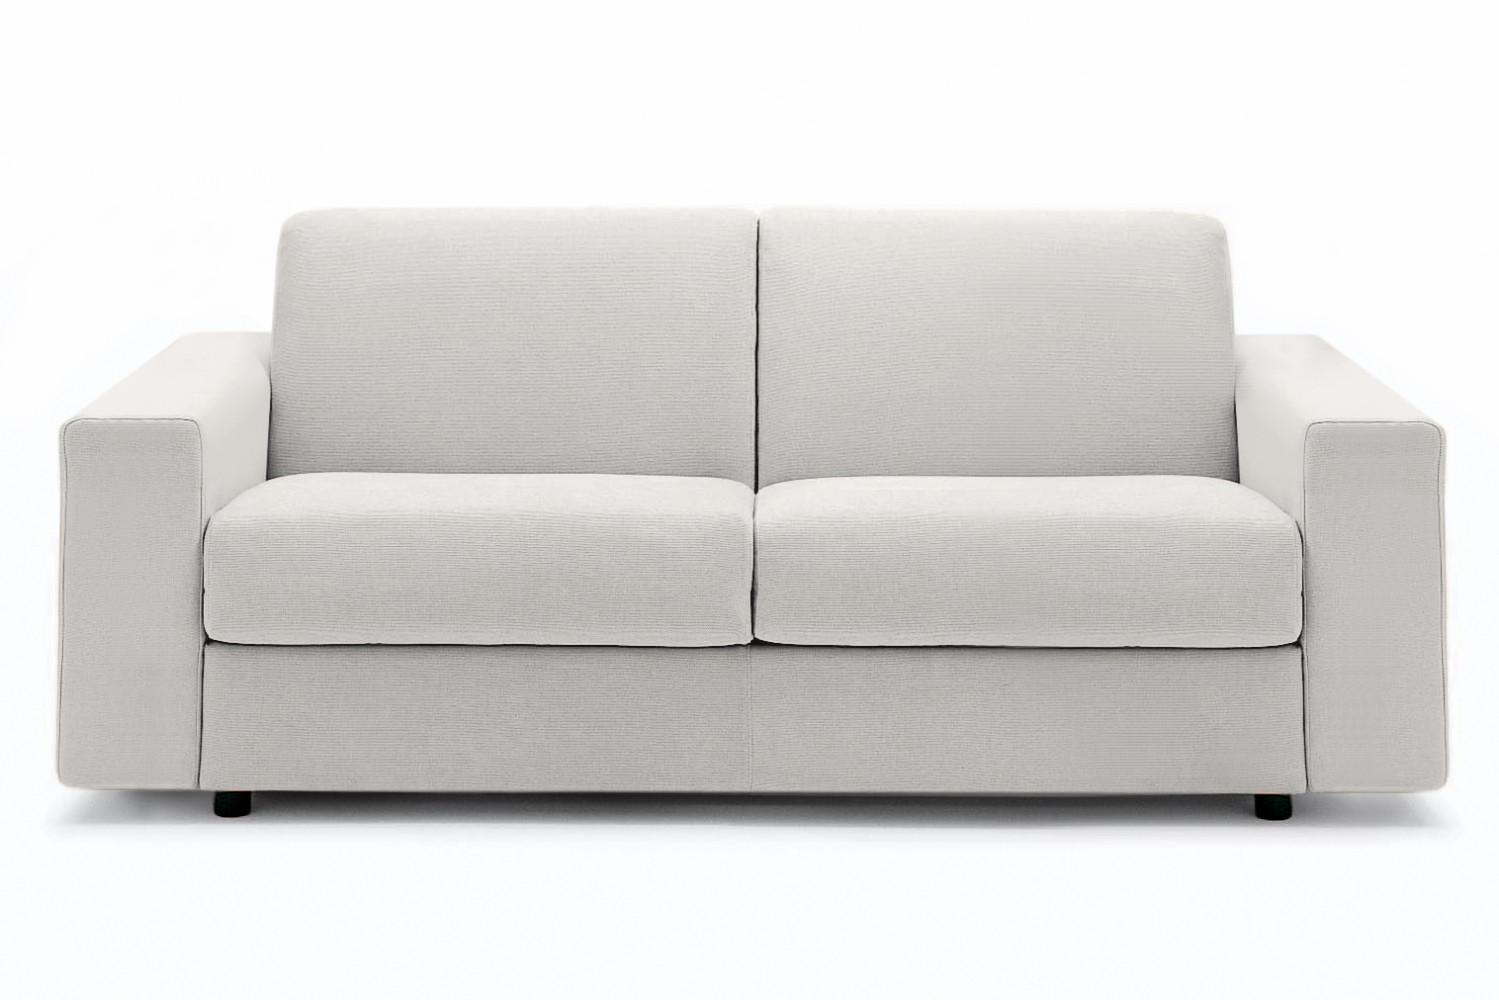 canap pour petit espace stan. Black Bedroom Furniture Sets. Home Design Ideas